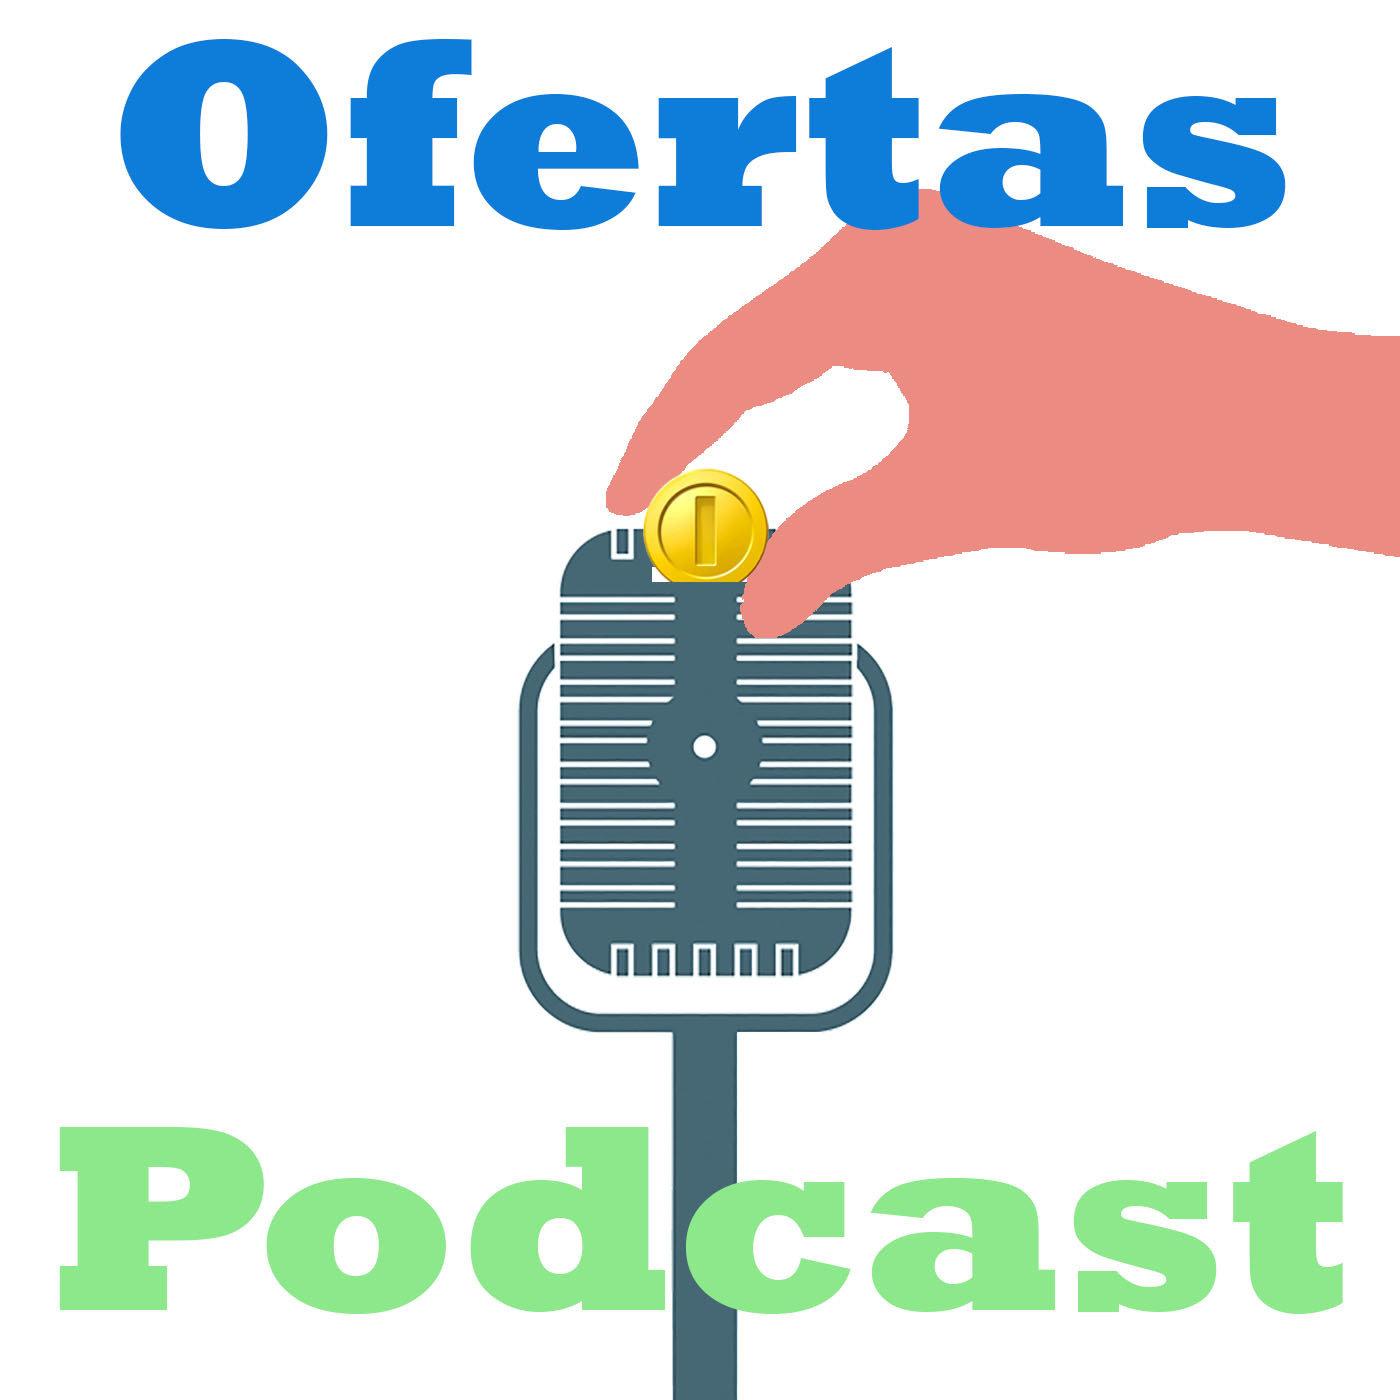 <![CDATA[Ofertas Podcast: El podcast de ofertas en Internet]]>